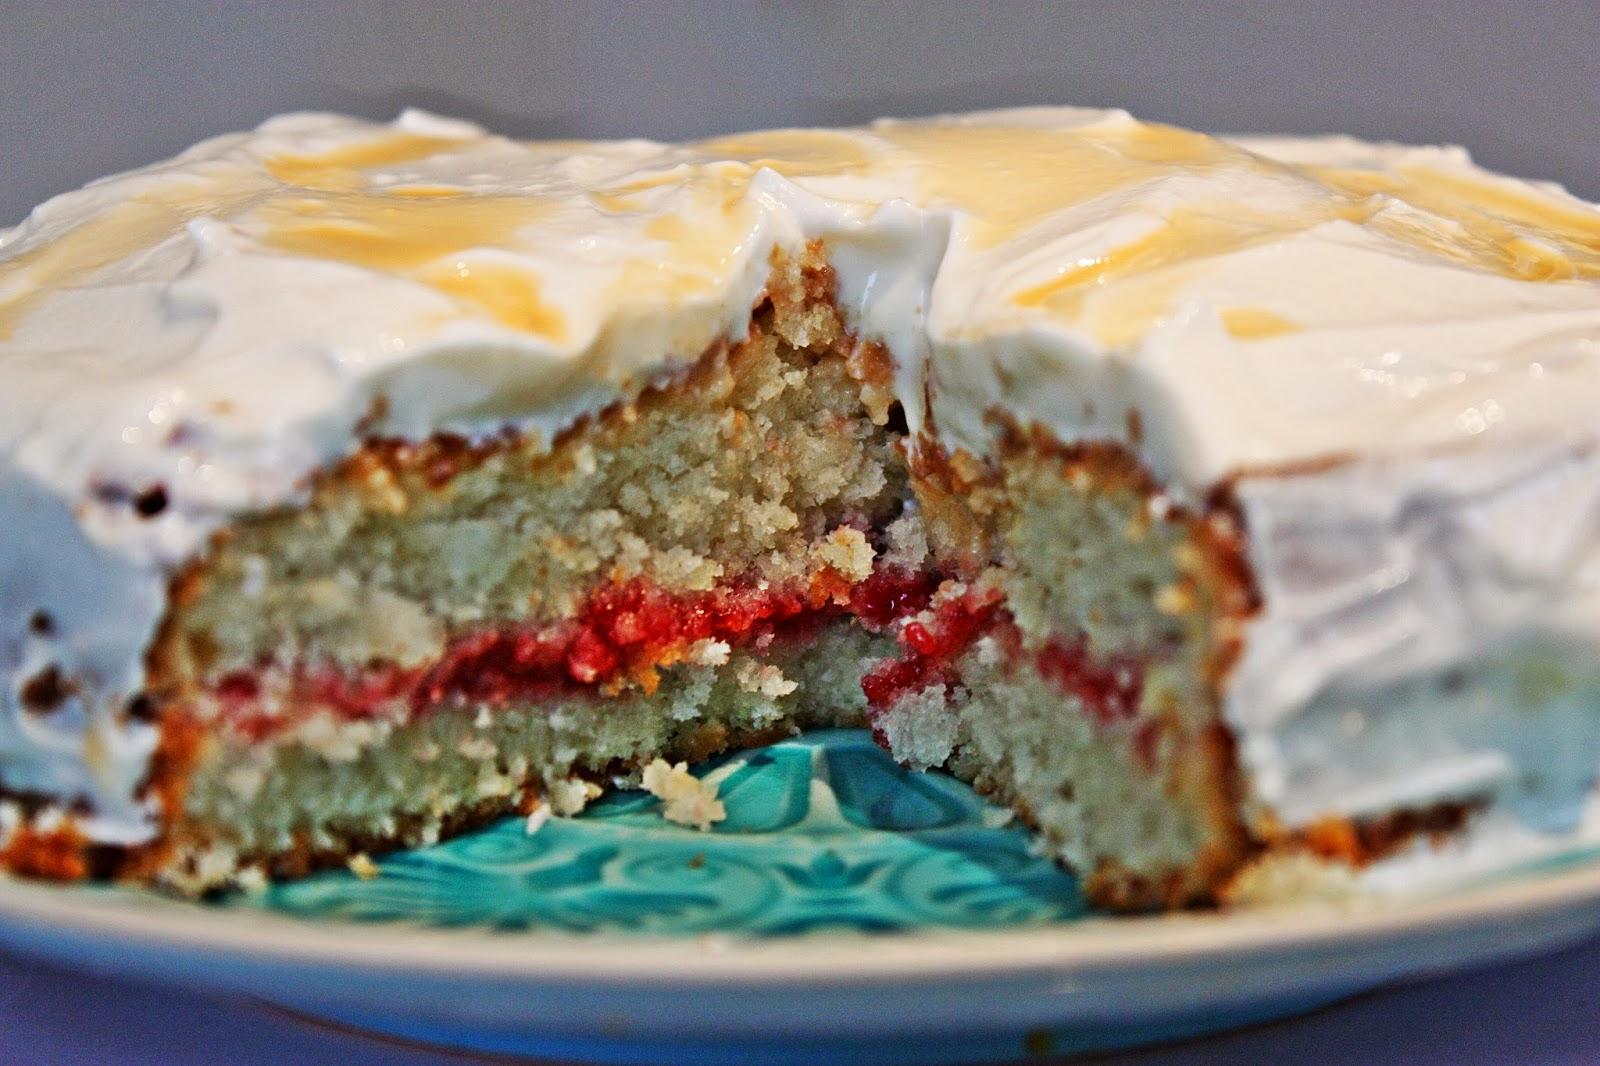 Ingwer Kokos Torte mit Himbeer Passionsfrucht Füllung und Quark Frosting